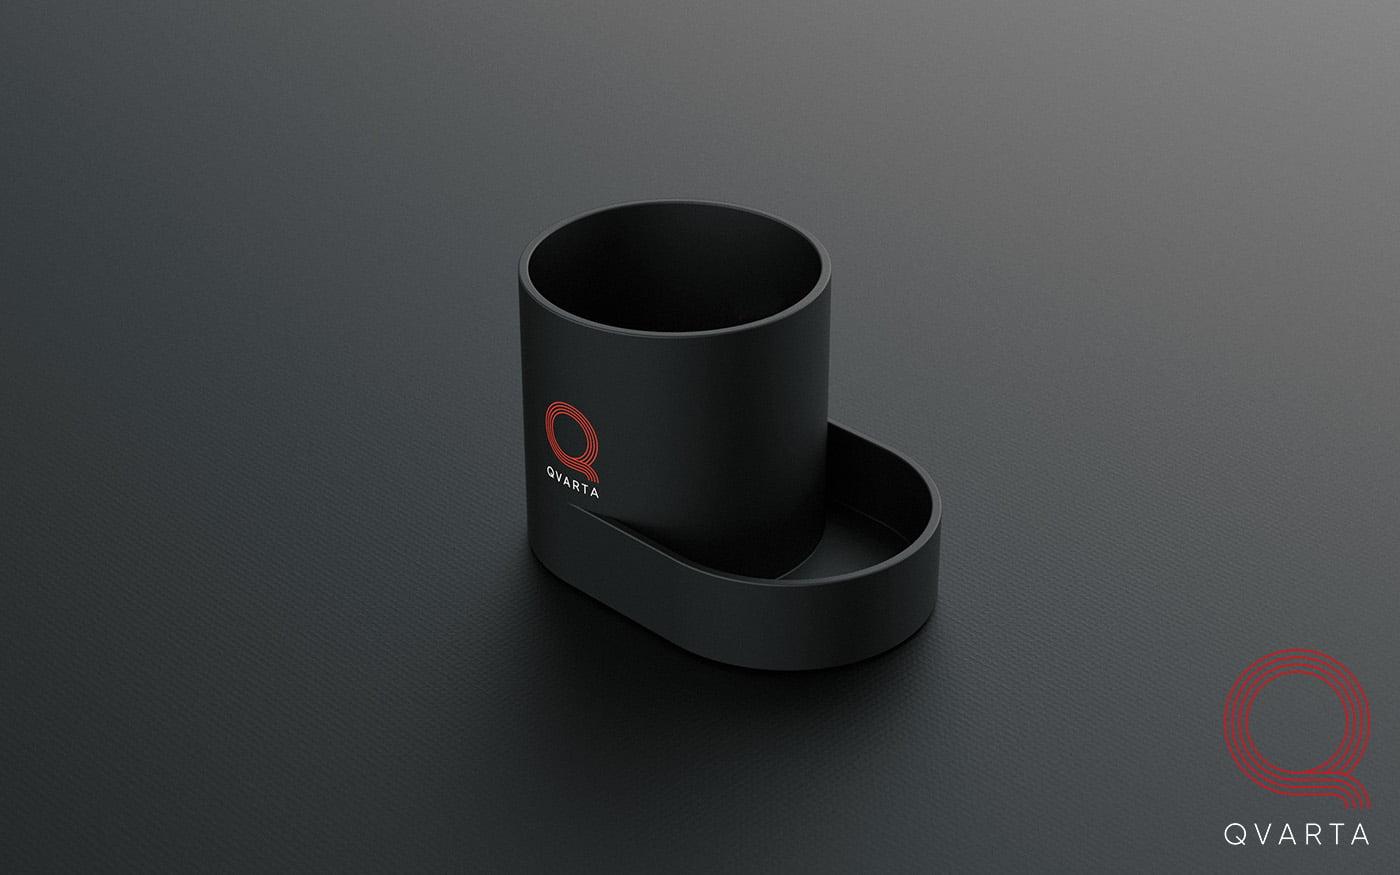 Подставка-органайзер для пишущих принадлежностей с лого Qvarta.